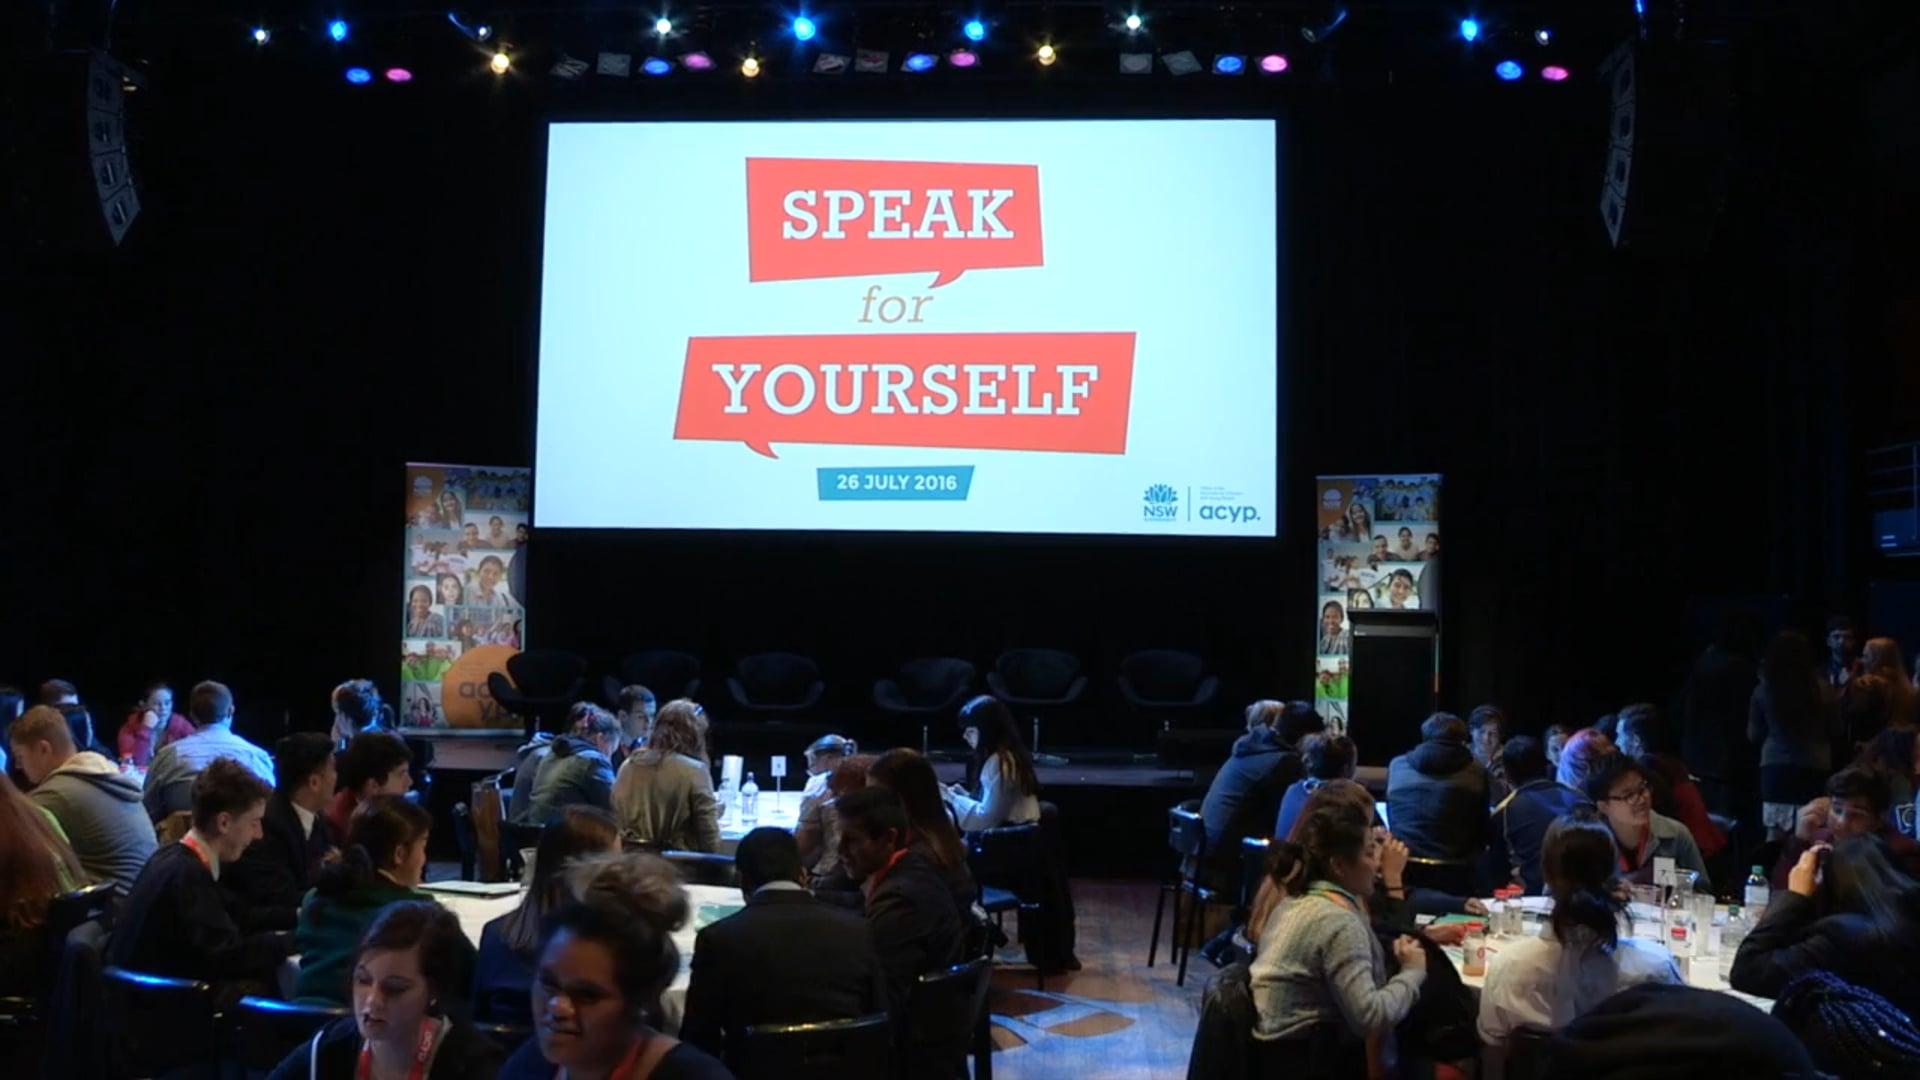 SPEAK FOR YOURSELF HL